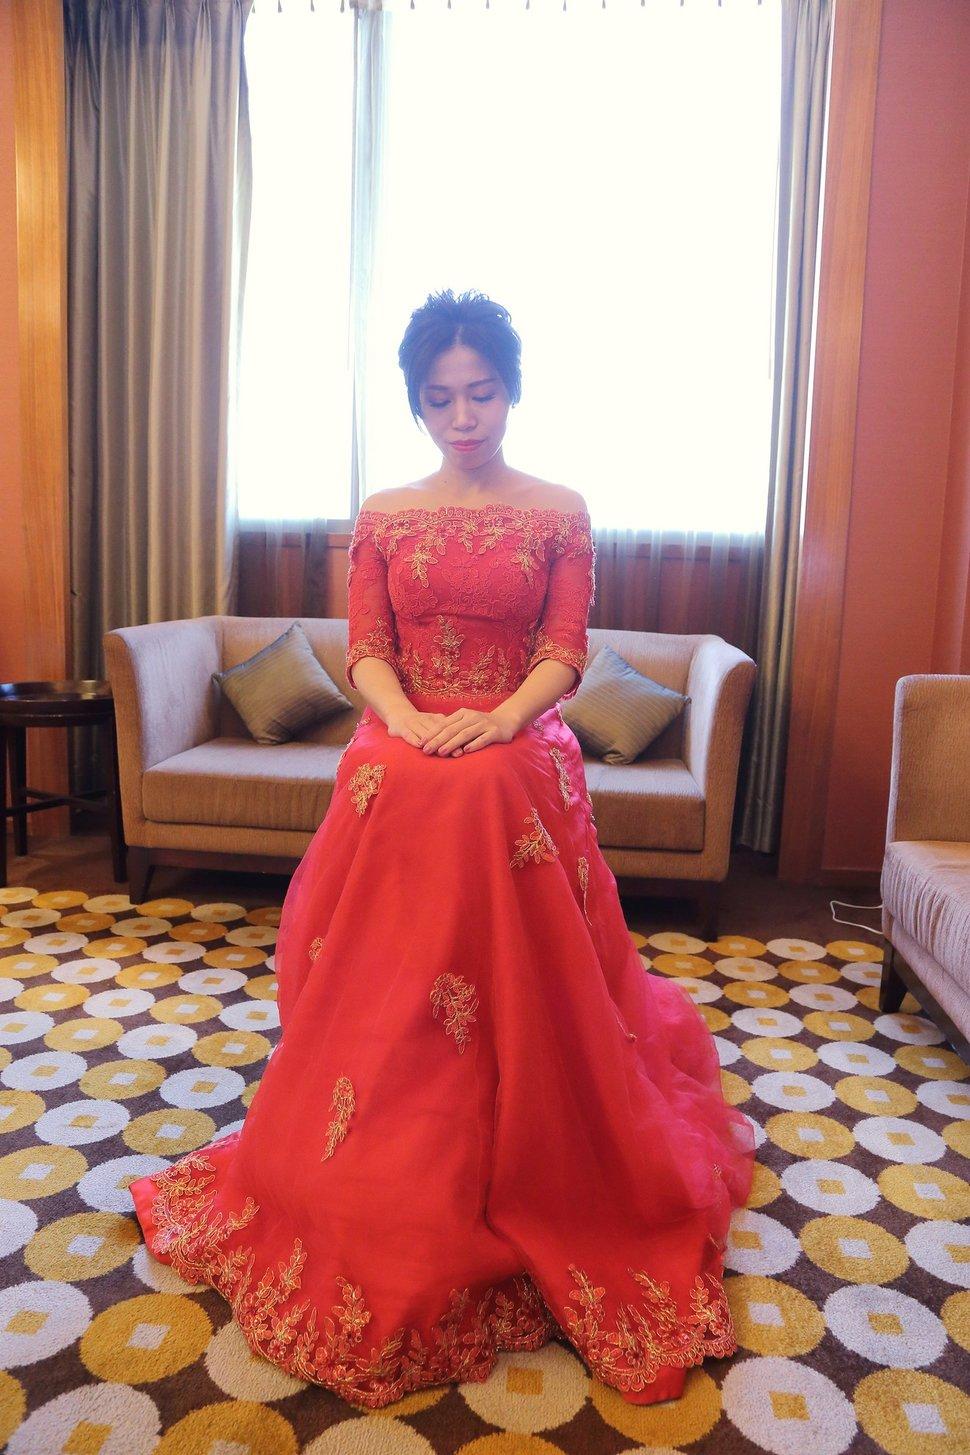 IMG_3774 EKI KUO - 台南婚攝Eki 婚攝君一《結婚吧》